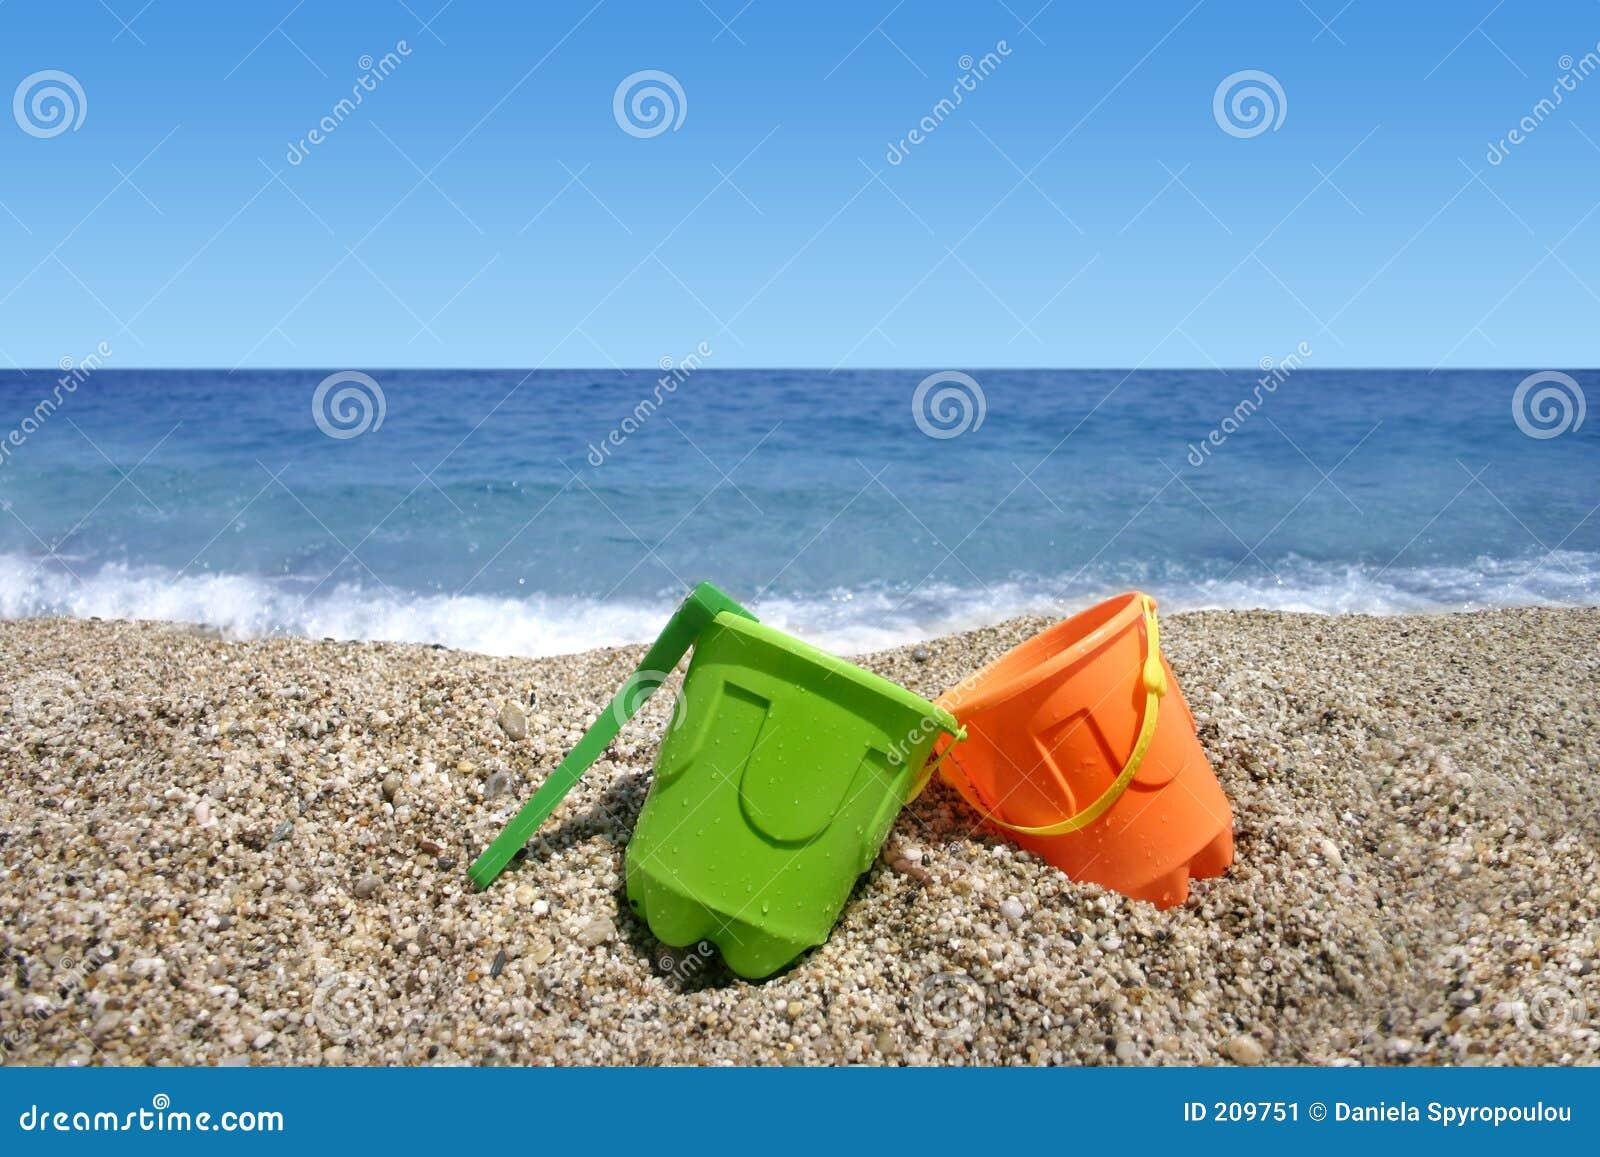 Het speelgoed van het strand de zomervakantie stock afbeelding afbeelding 209751 - Groen behang van het water ...